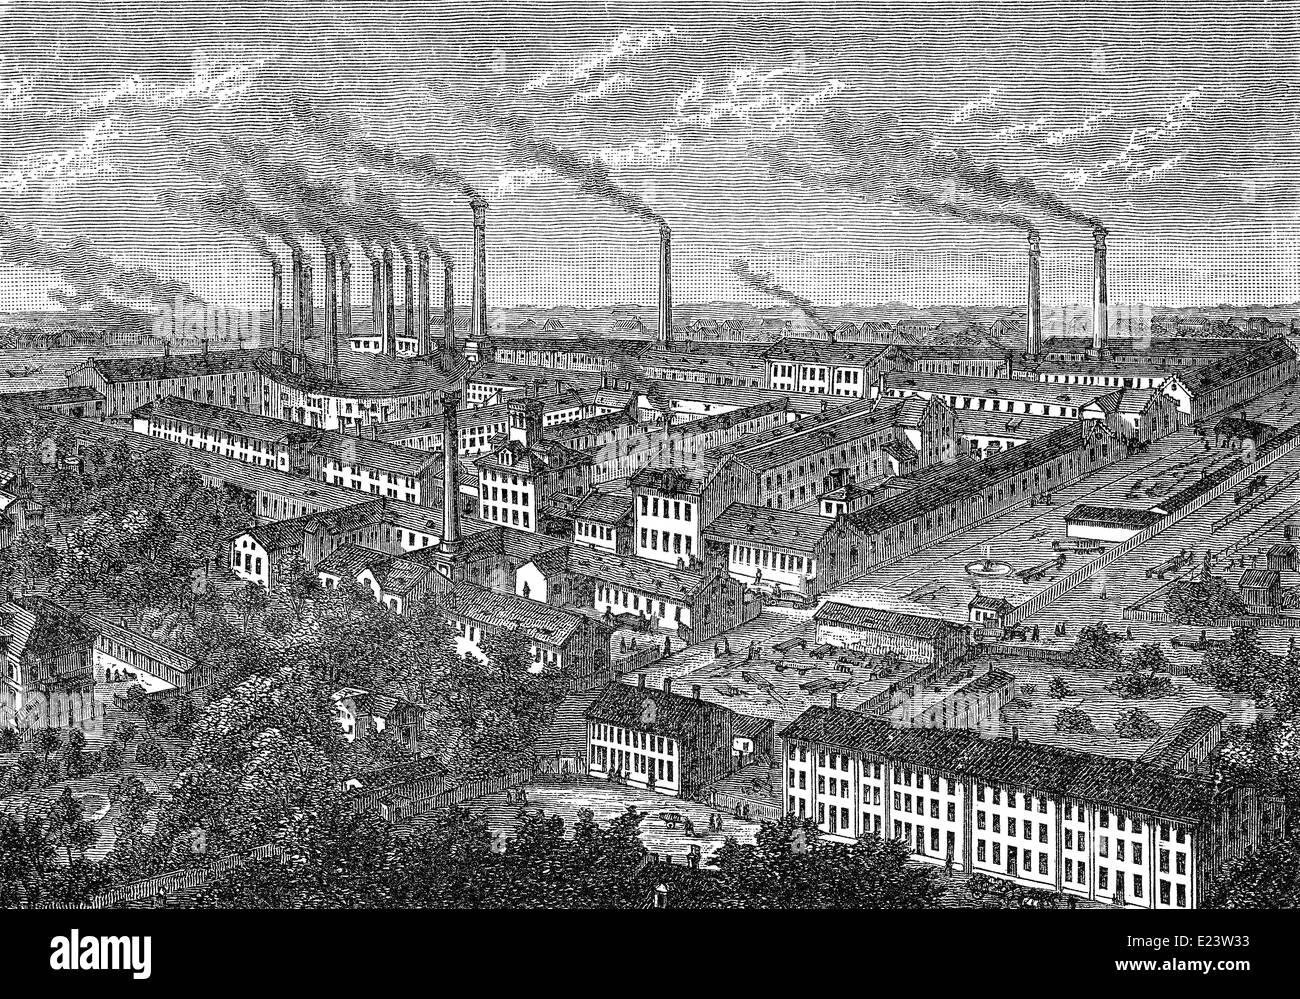 La planta de fabricación de ultramar sintético, Nuremberg, Alemania, 1886 Imagen De Stock